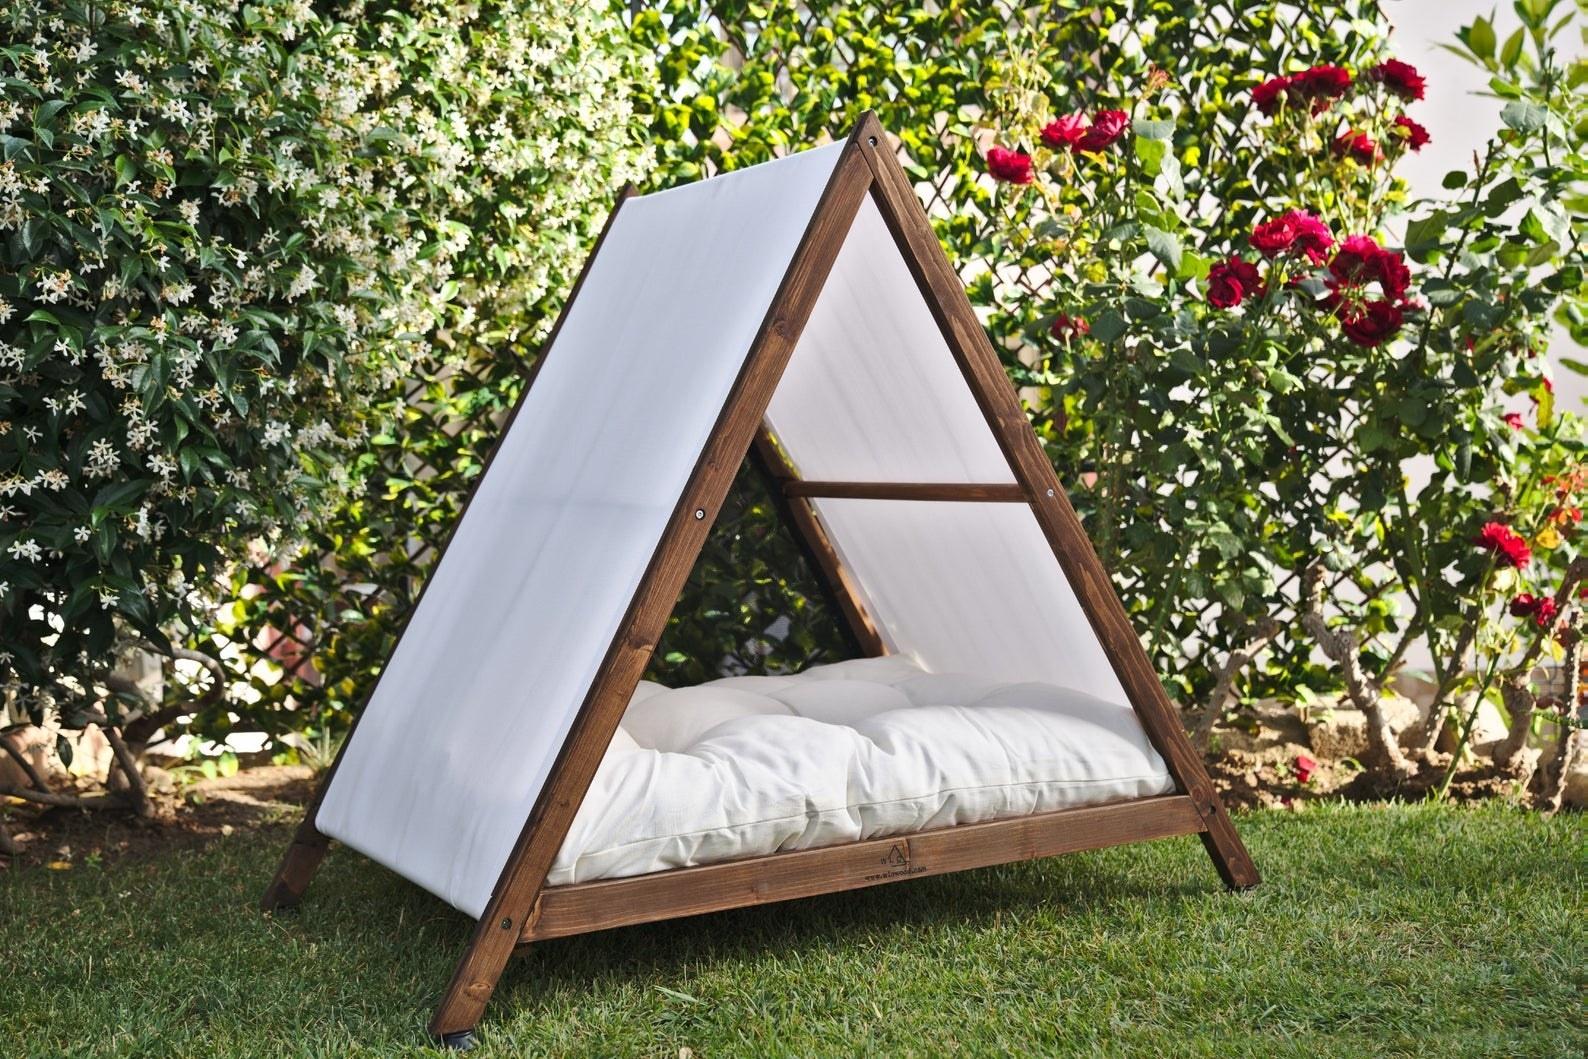 Triangle-shaped dog house with cushion inside